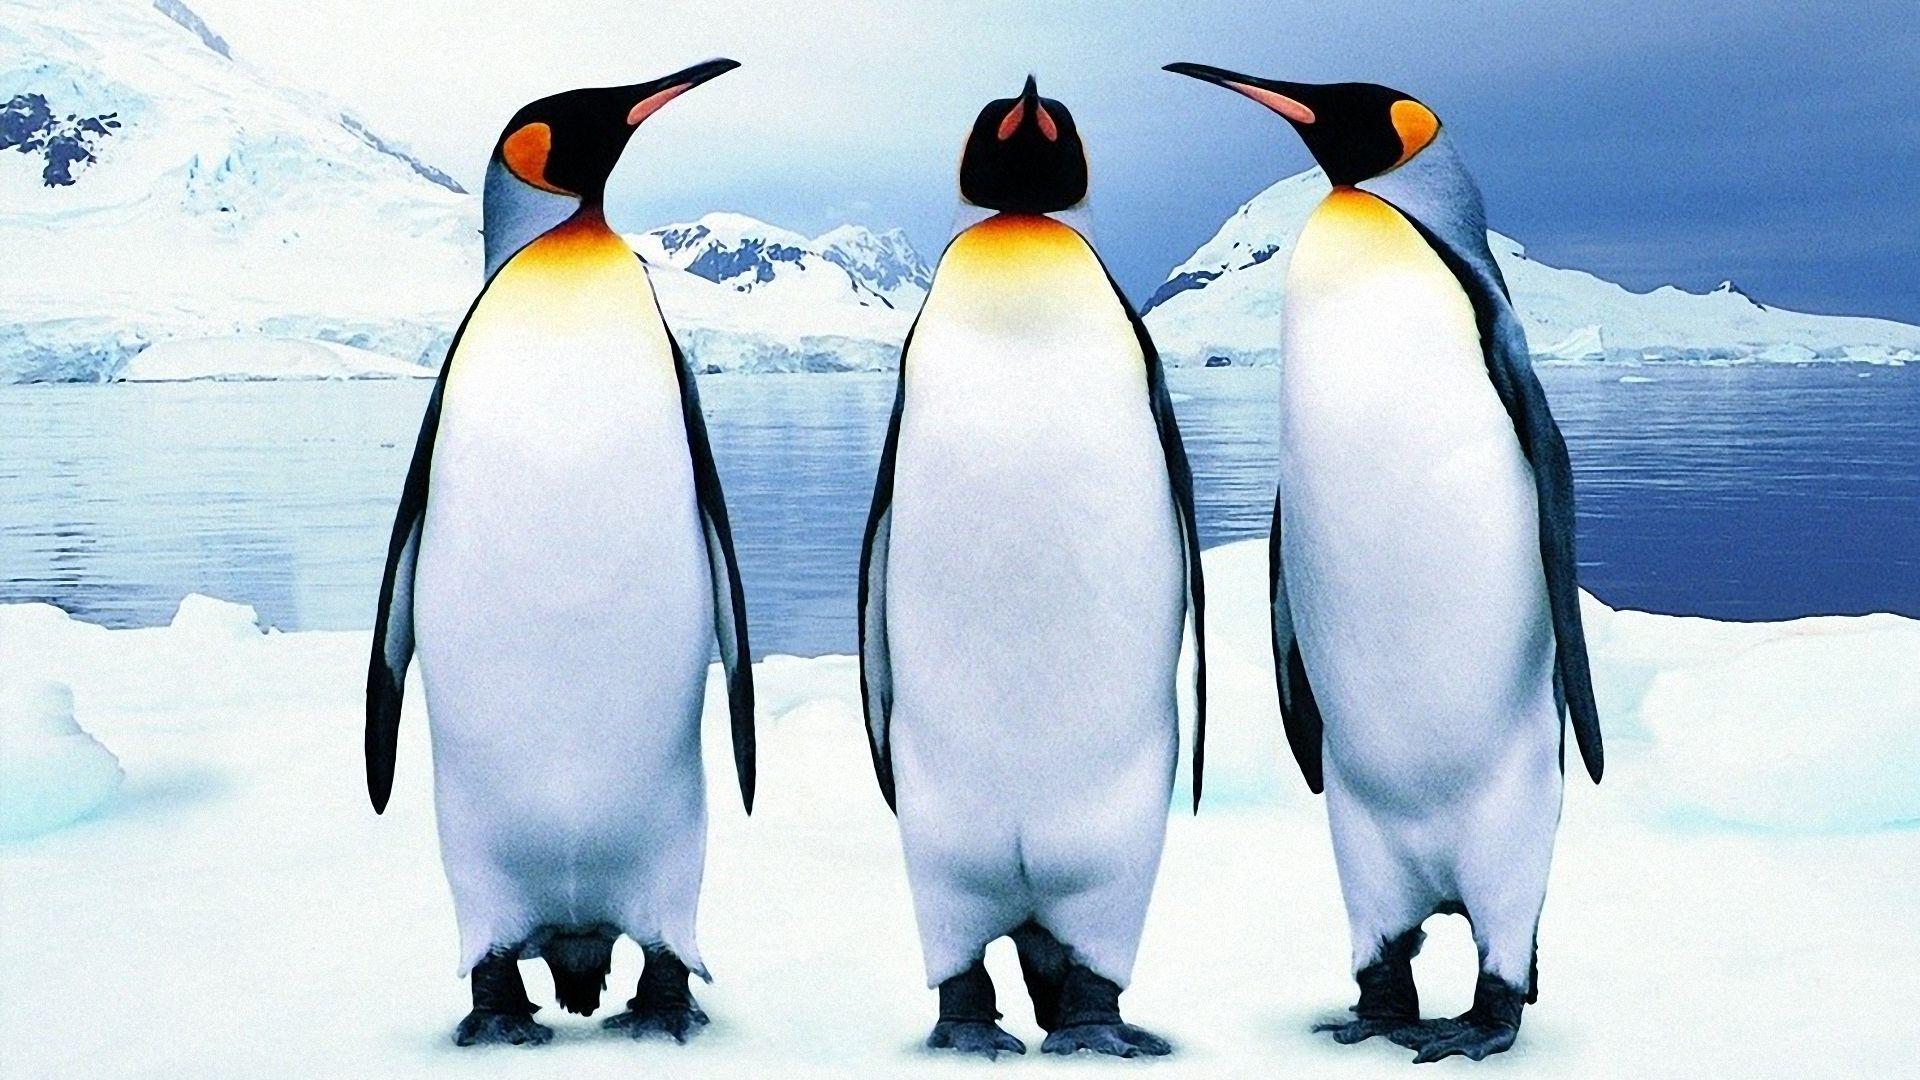 Penguin 2.1 Update is Live